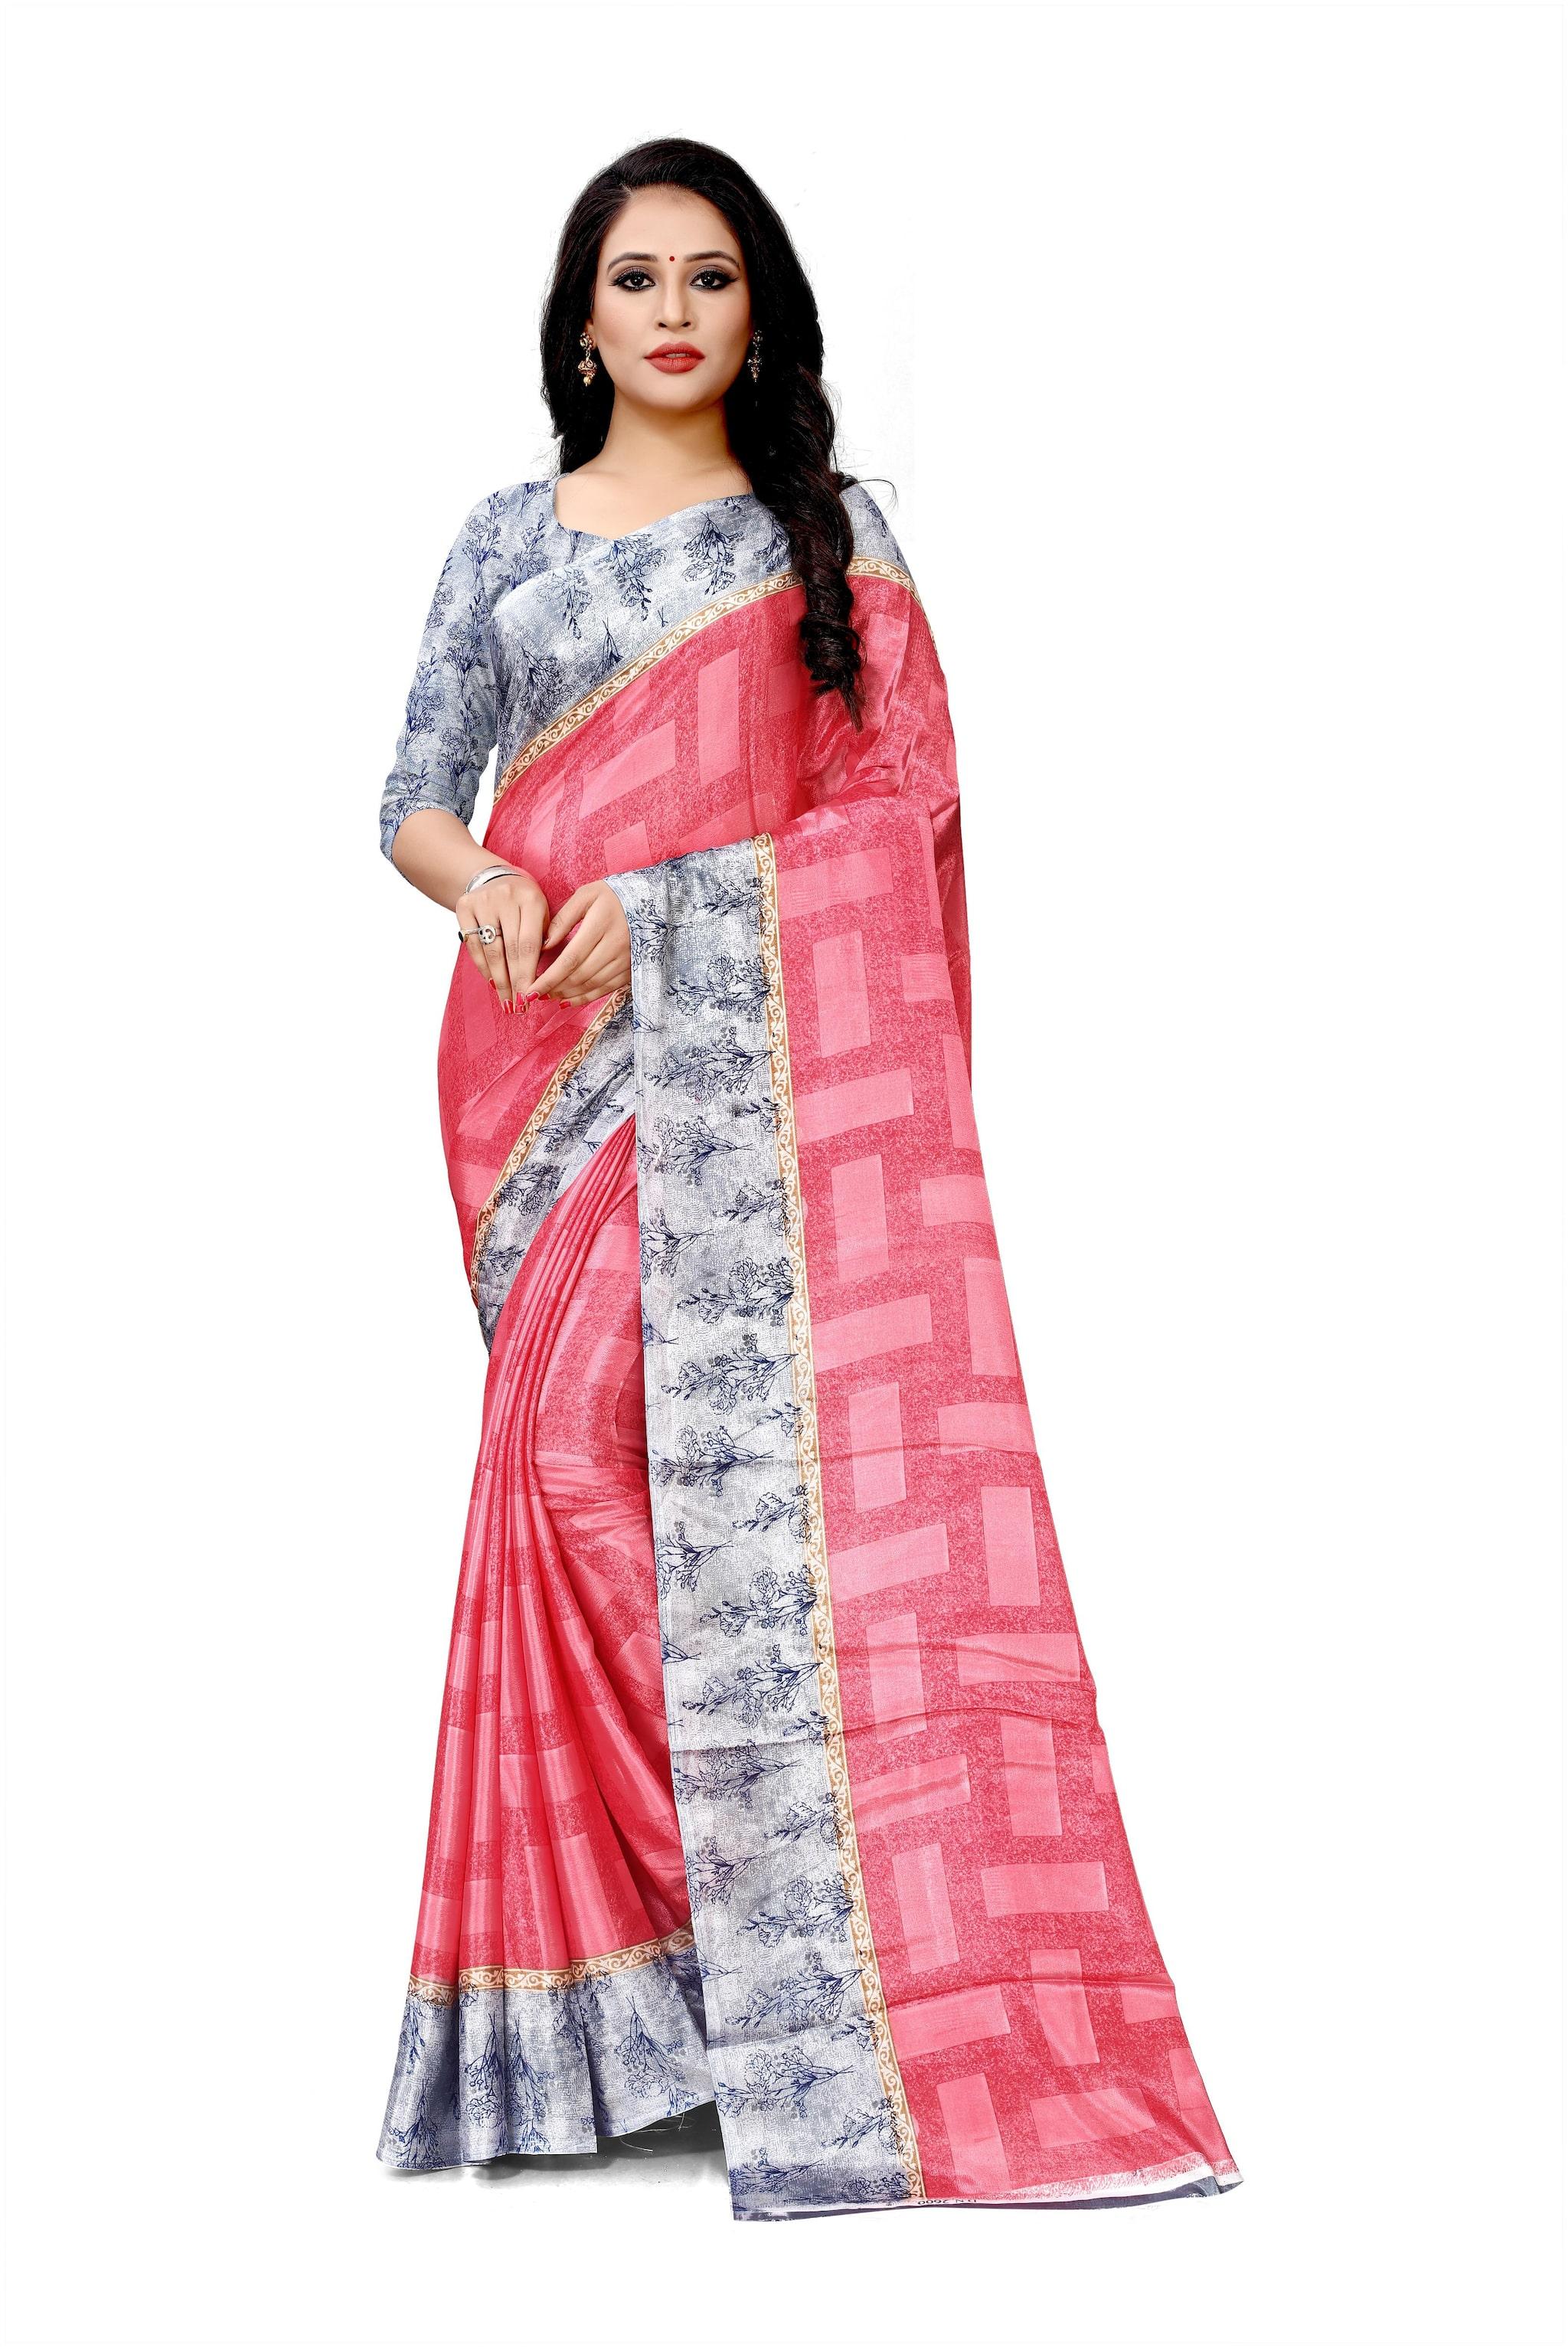 DORI Crepe Pink Printed Saree For Women by Bansi Fashion